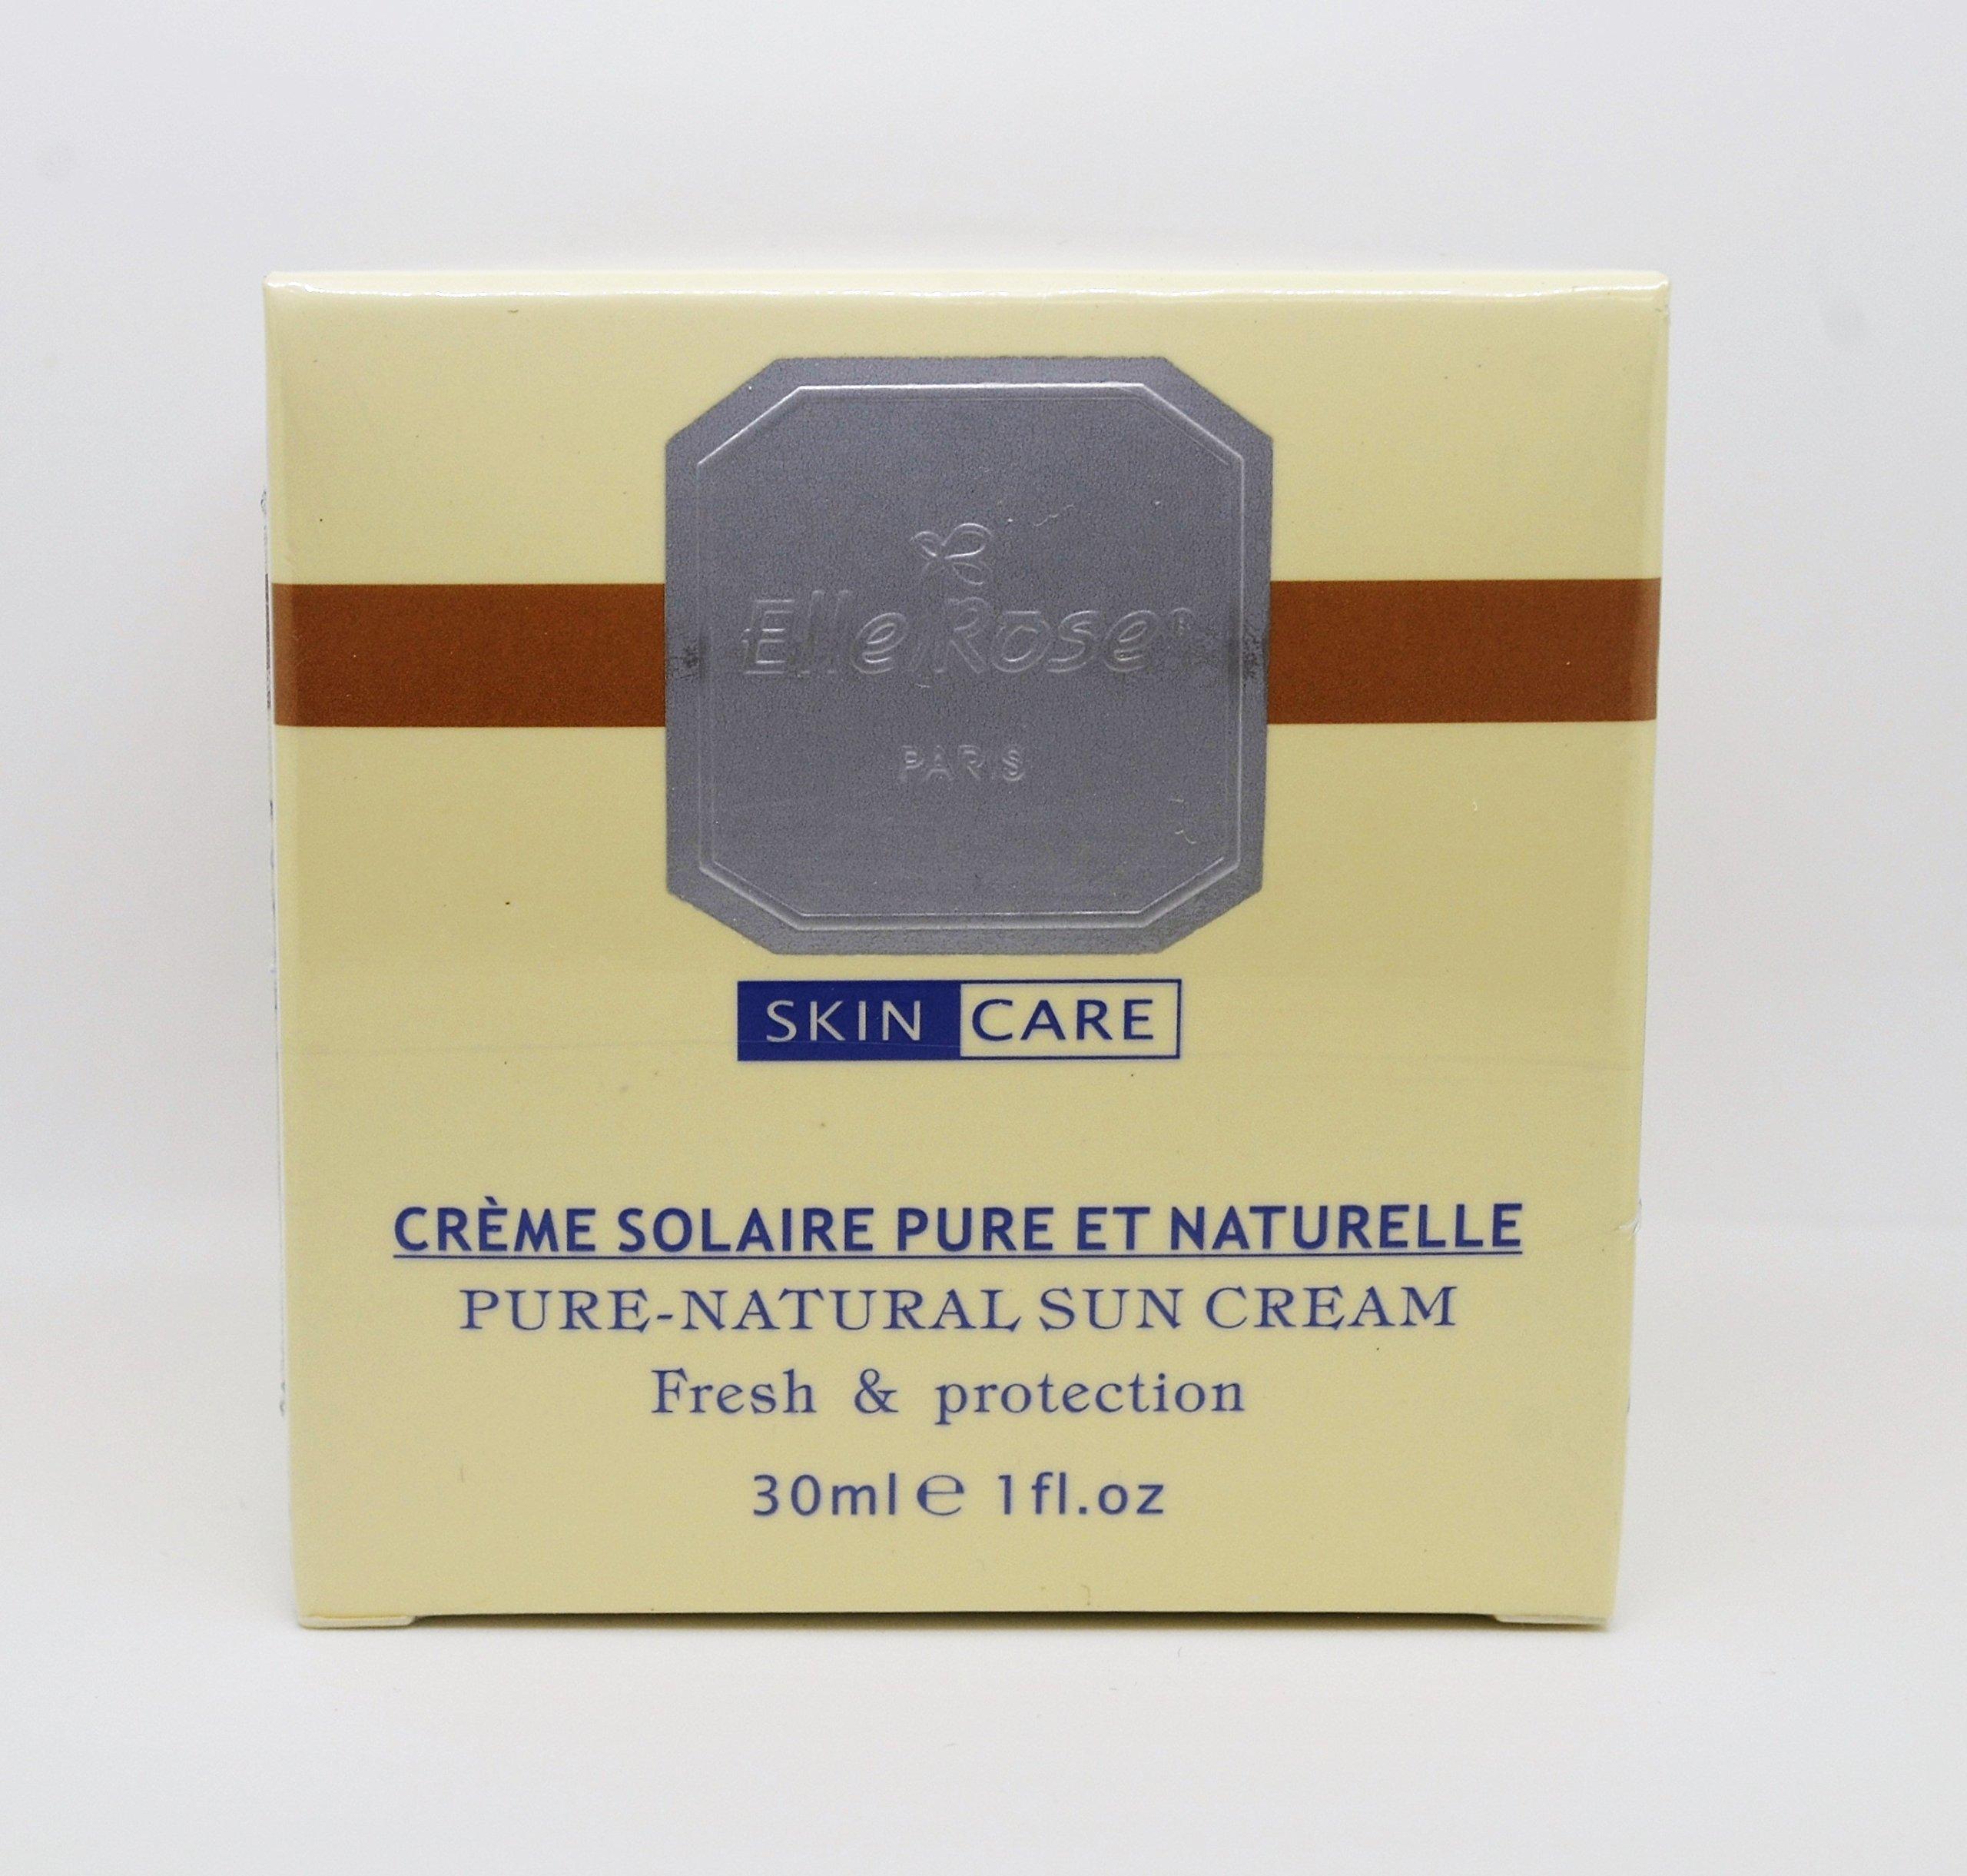 Alitenice Elle Rose Pure Natural Sun Cream Sunscreen 30ml